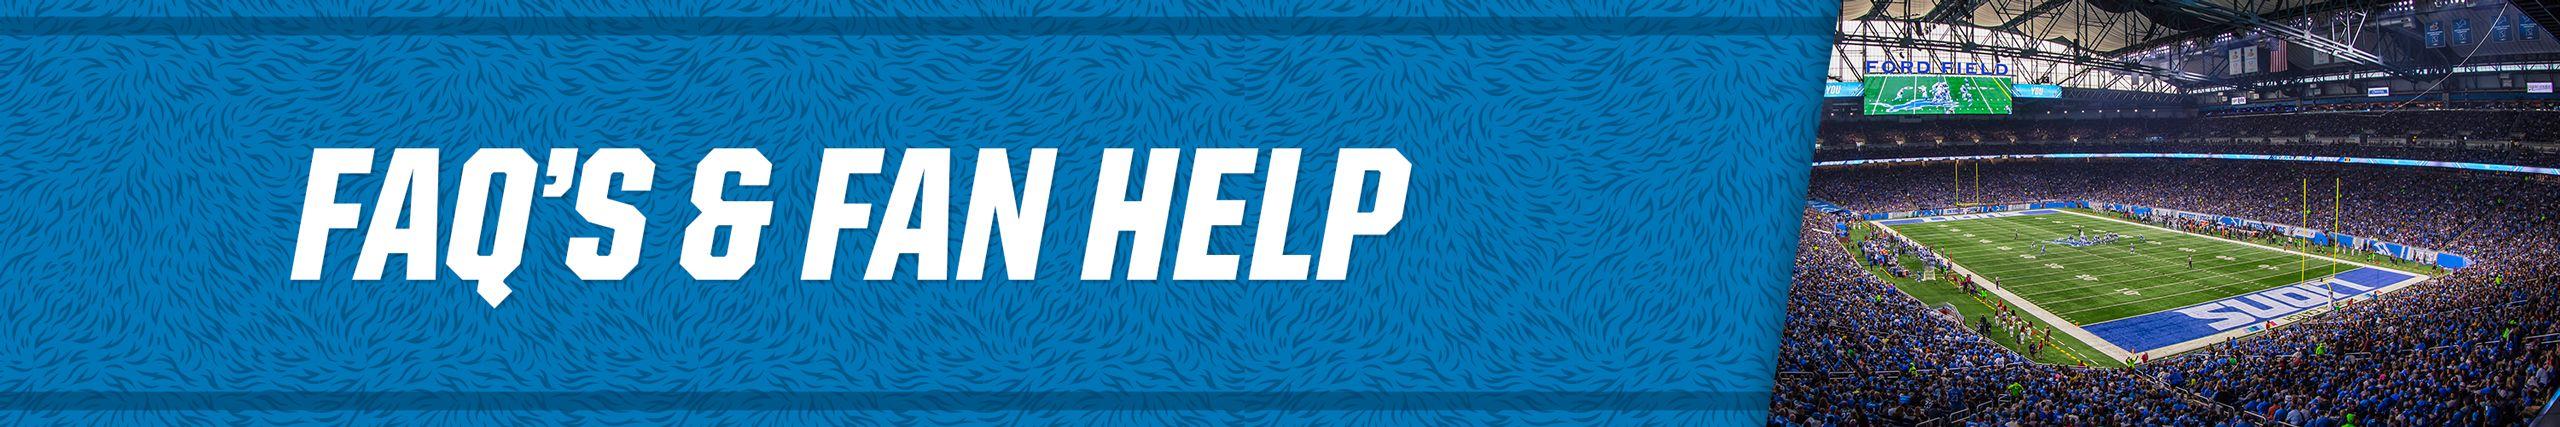 faqs-fan-help-header-062108